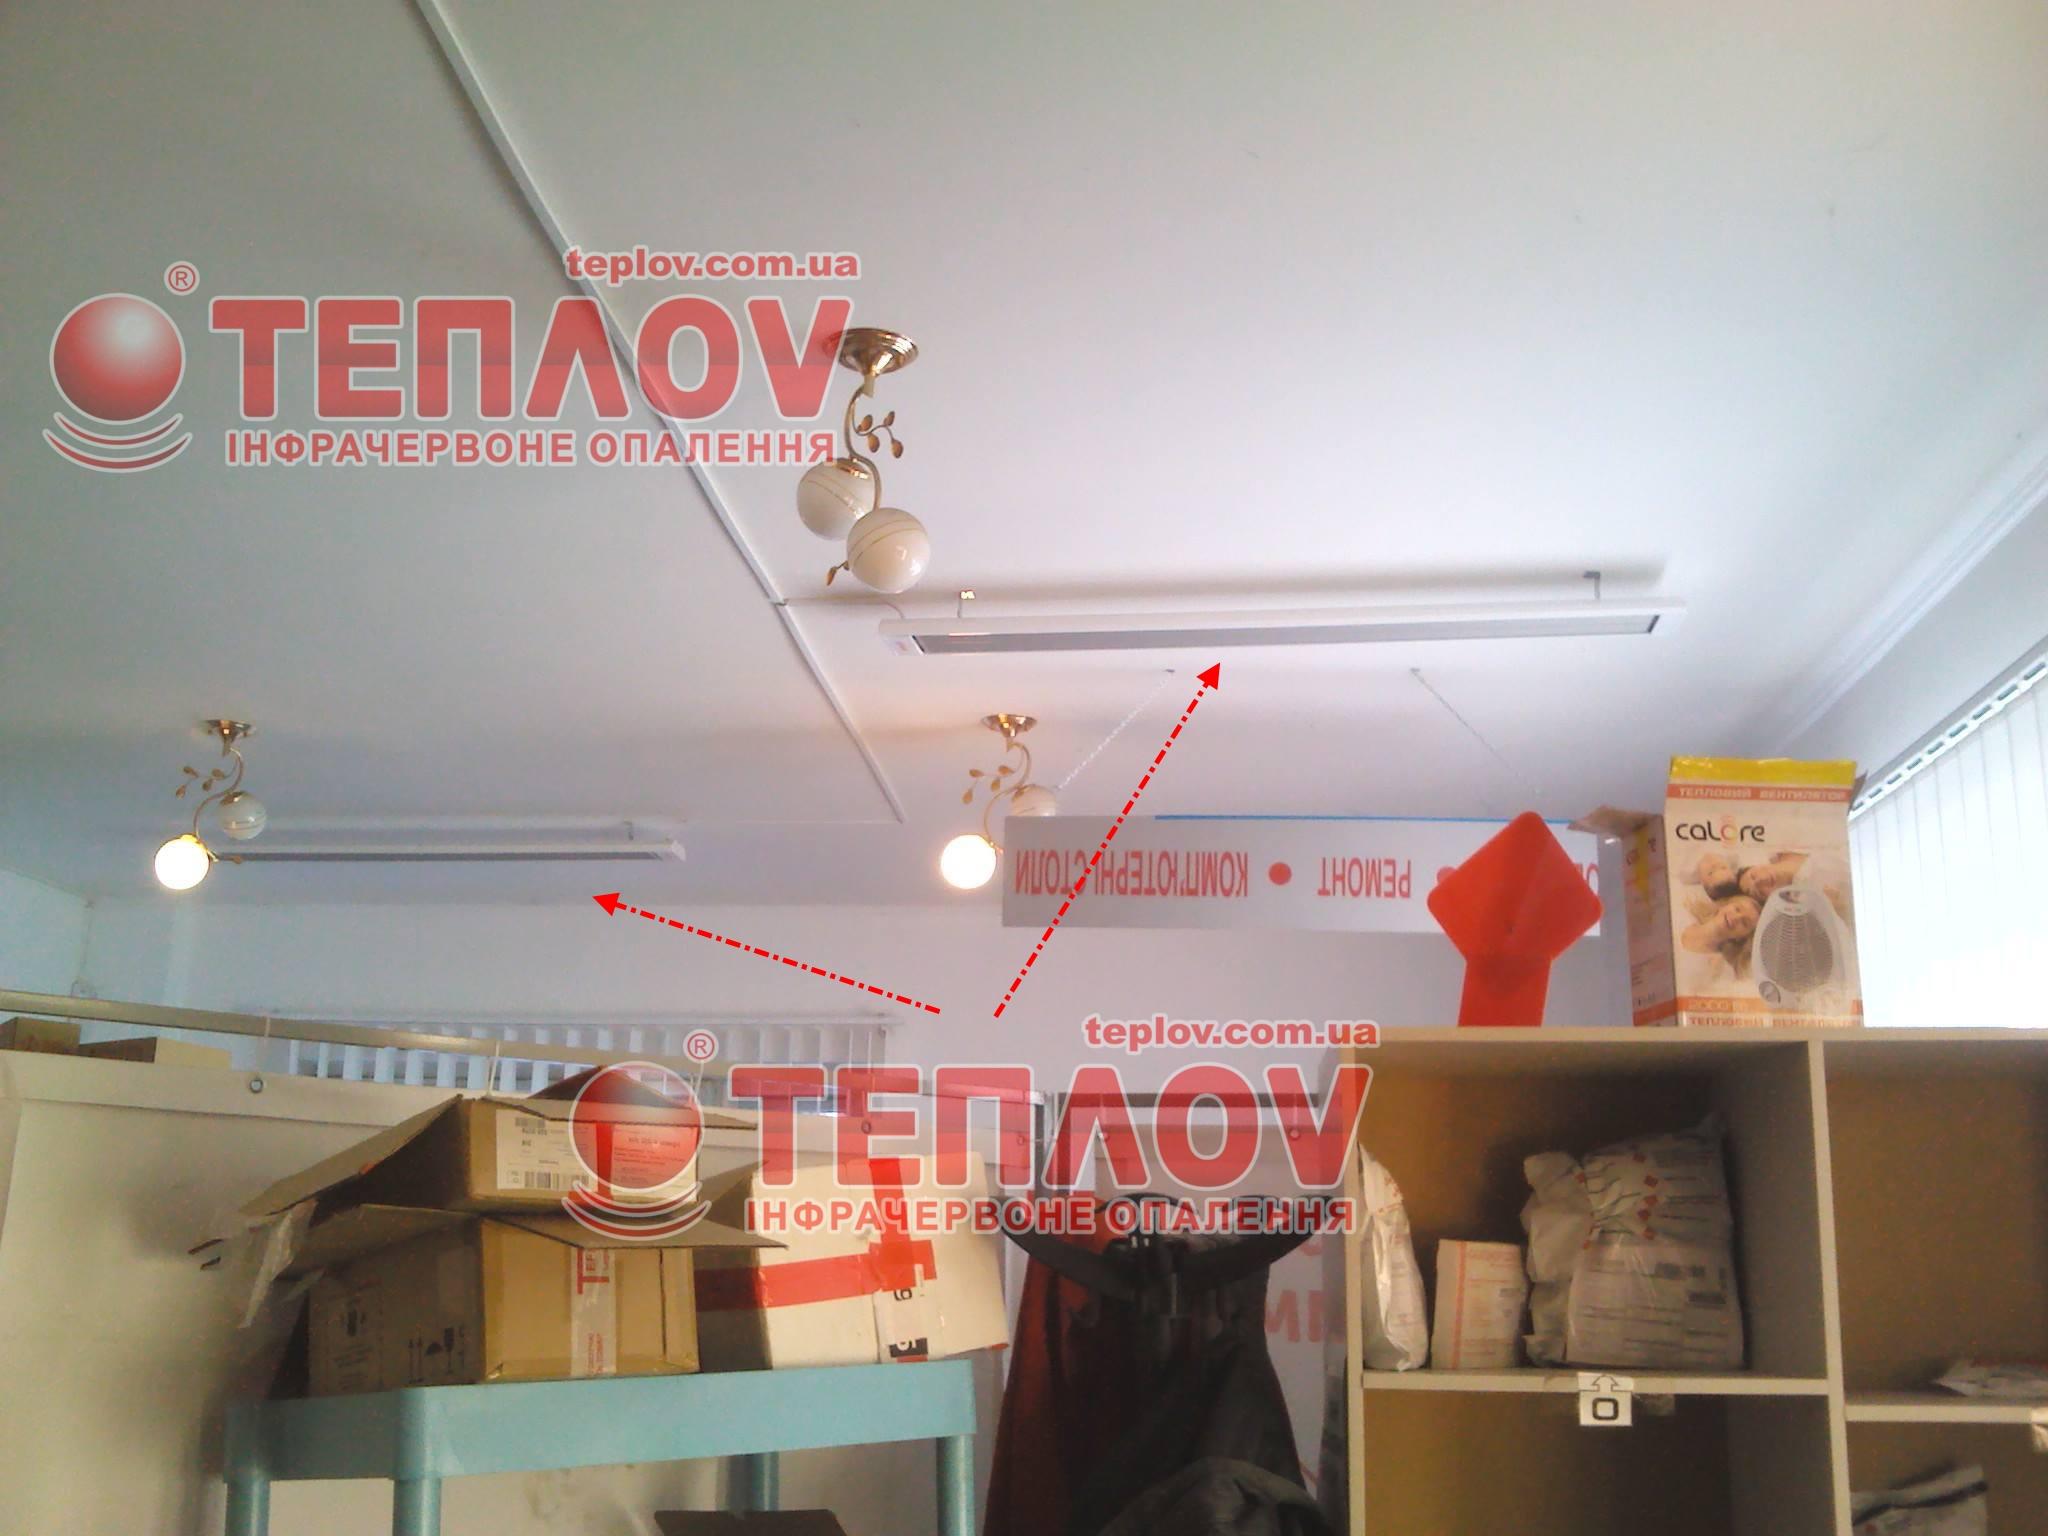 электрическое отопление склада новой почты отделения Перечин